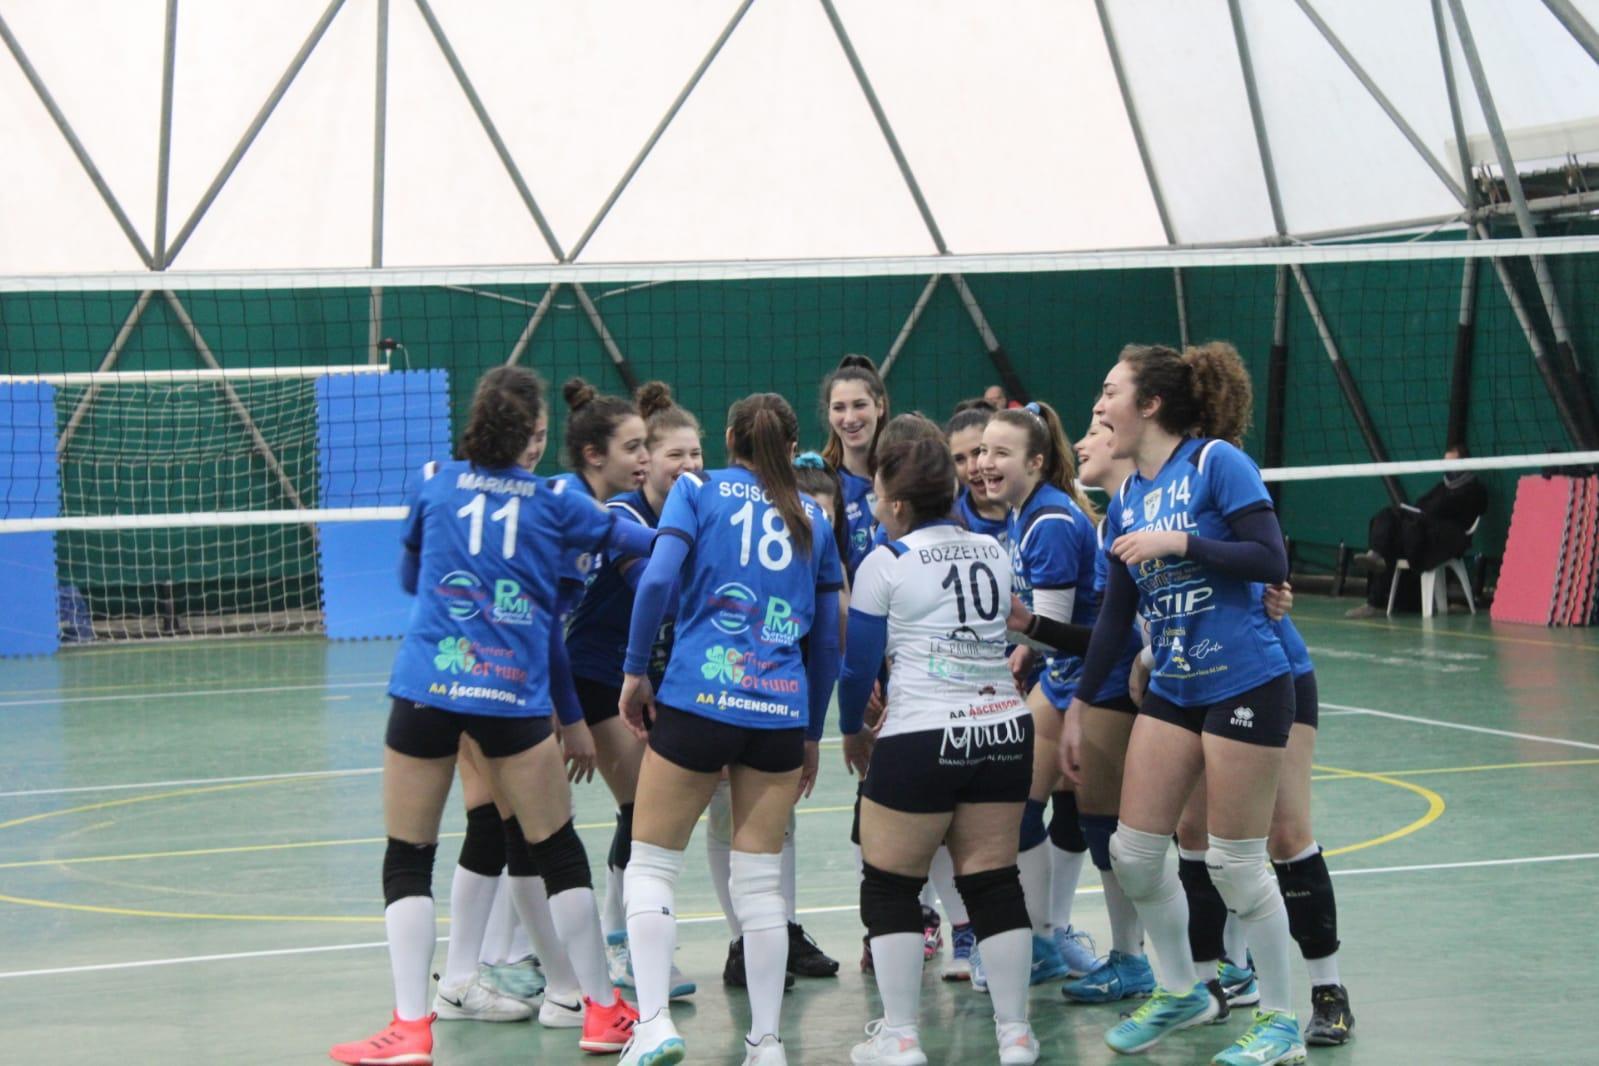 serie-c-femminile-la-volley-terracina-vince-a-latina-e-conquista-il-primato